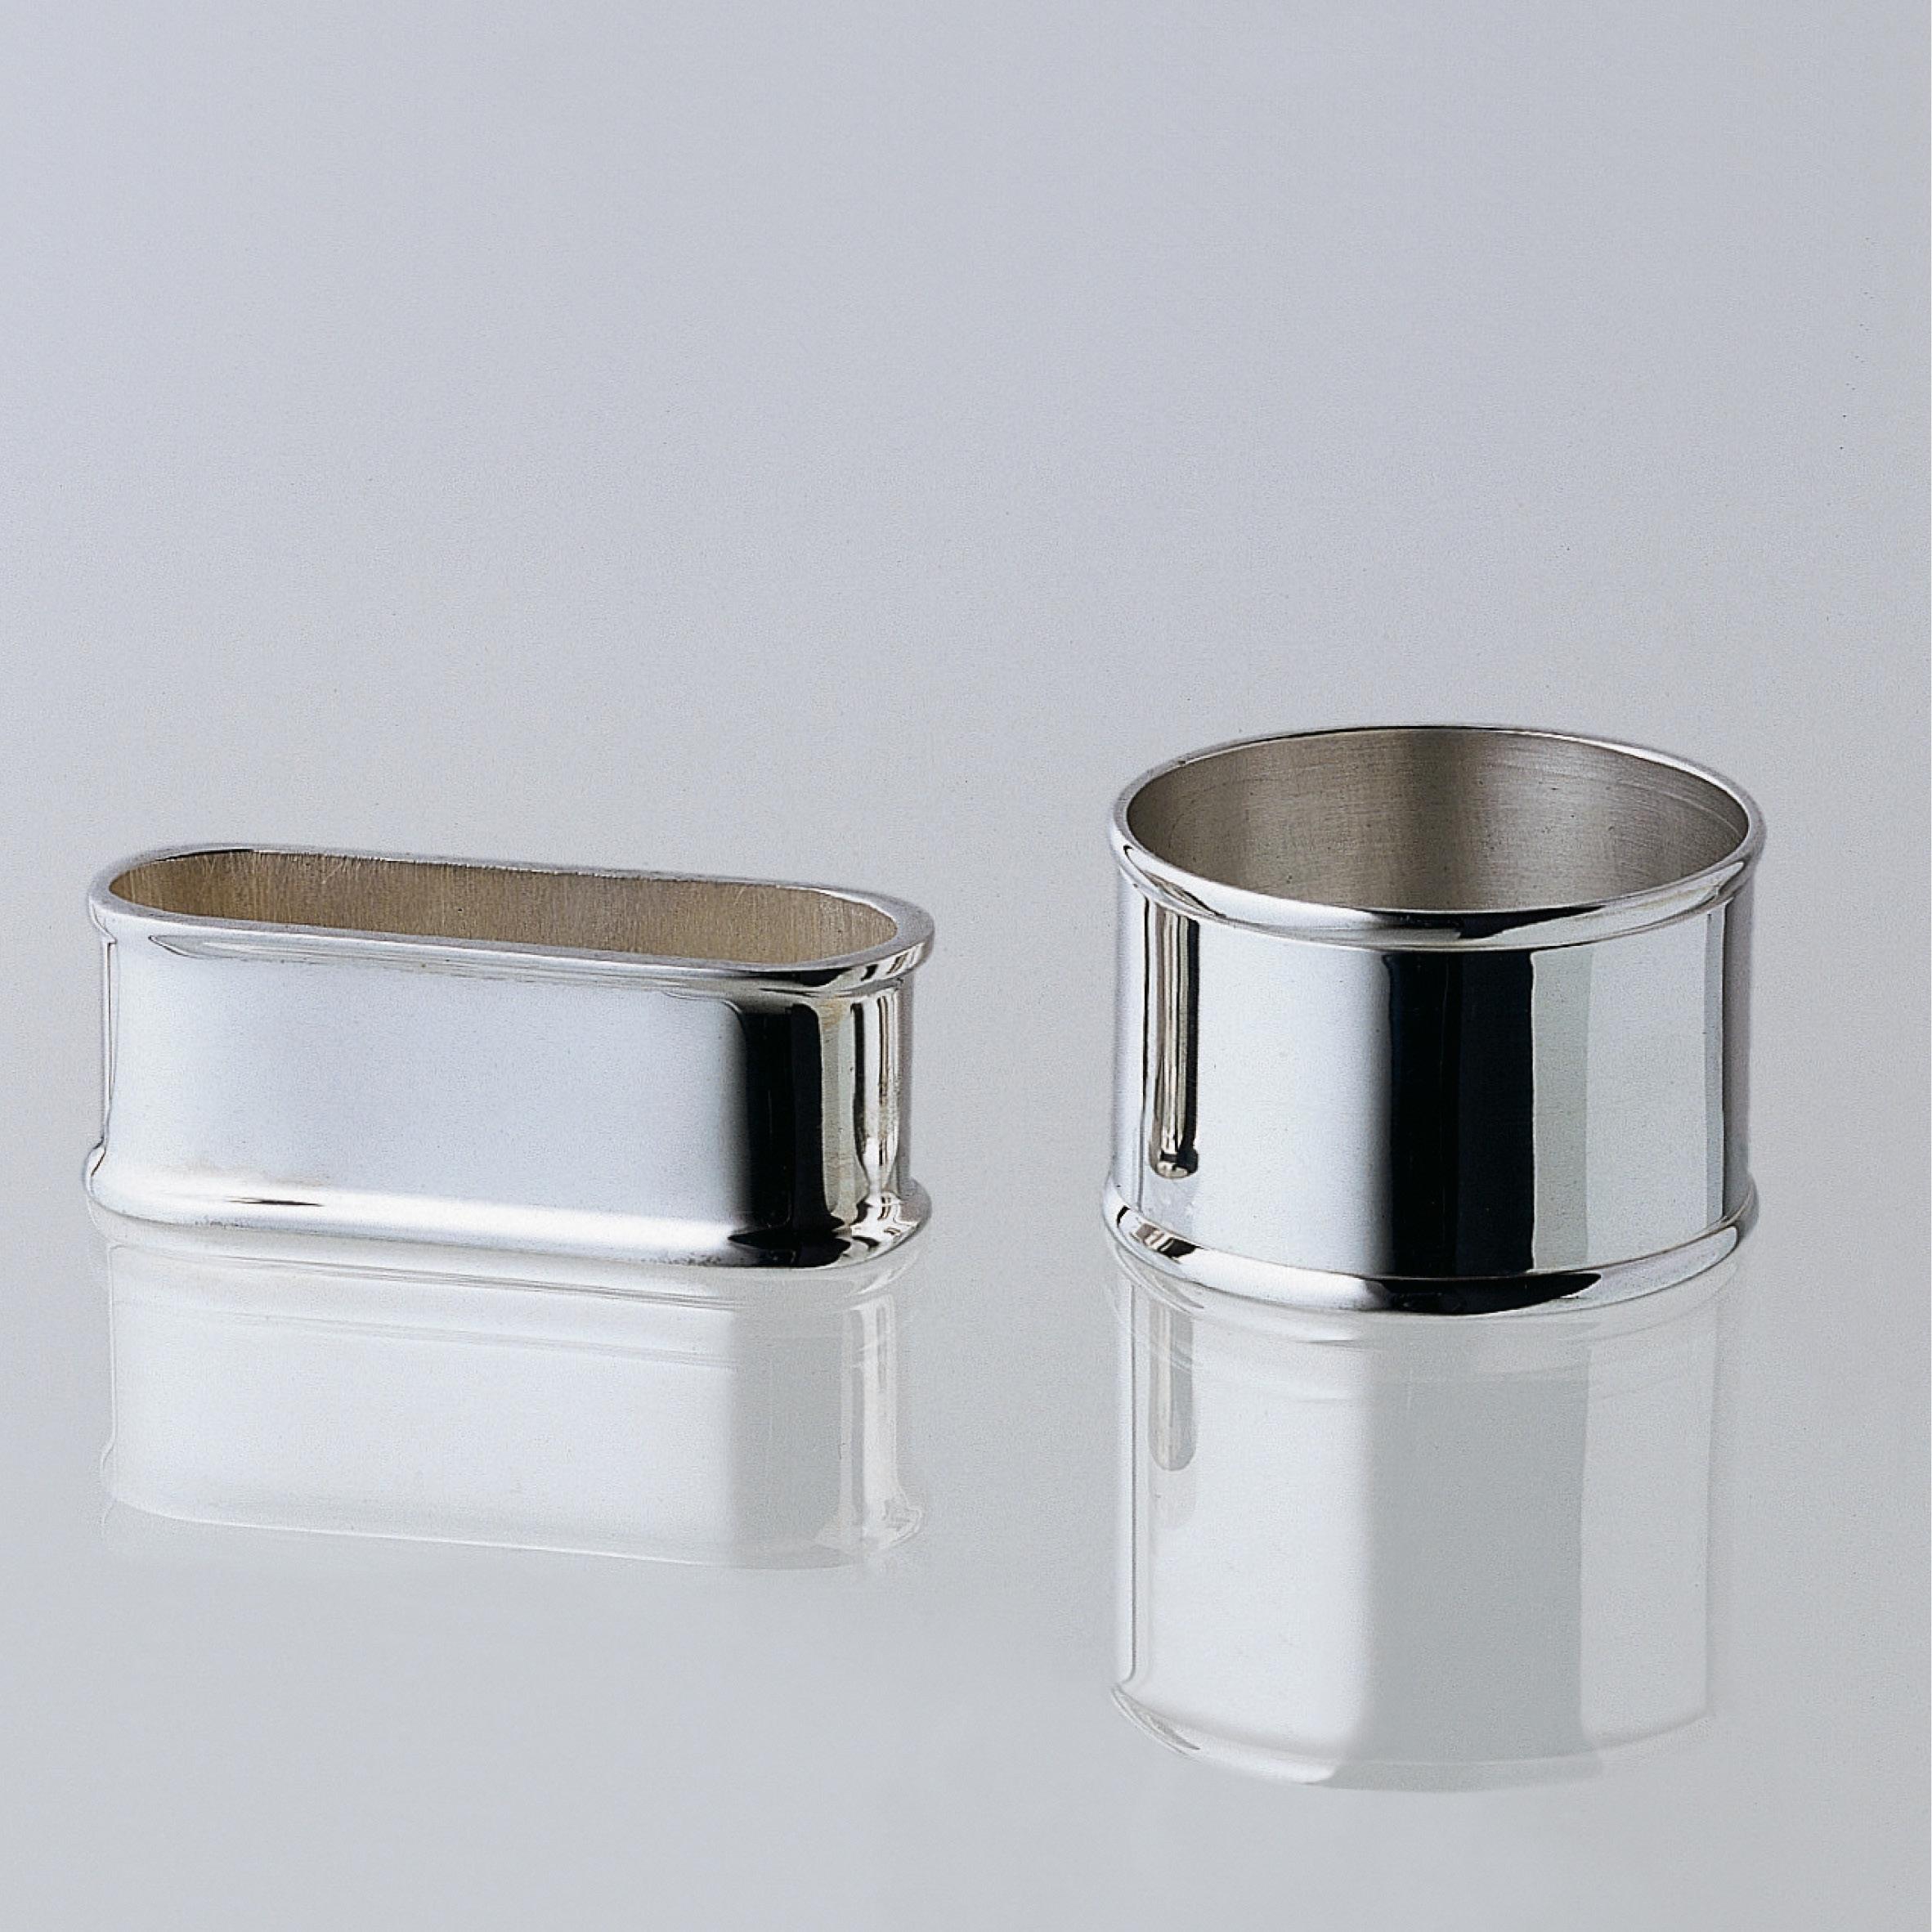 lambert serviettenring rund oval lambert querpass shop. Black Bedroom Furniture Sets. Home Design Ideas